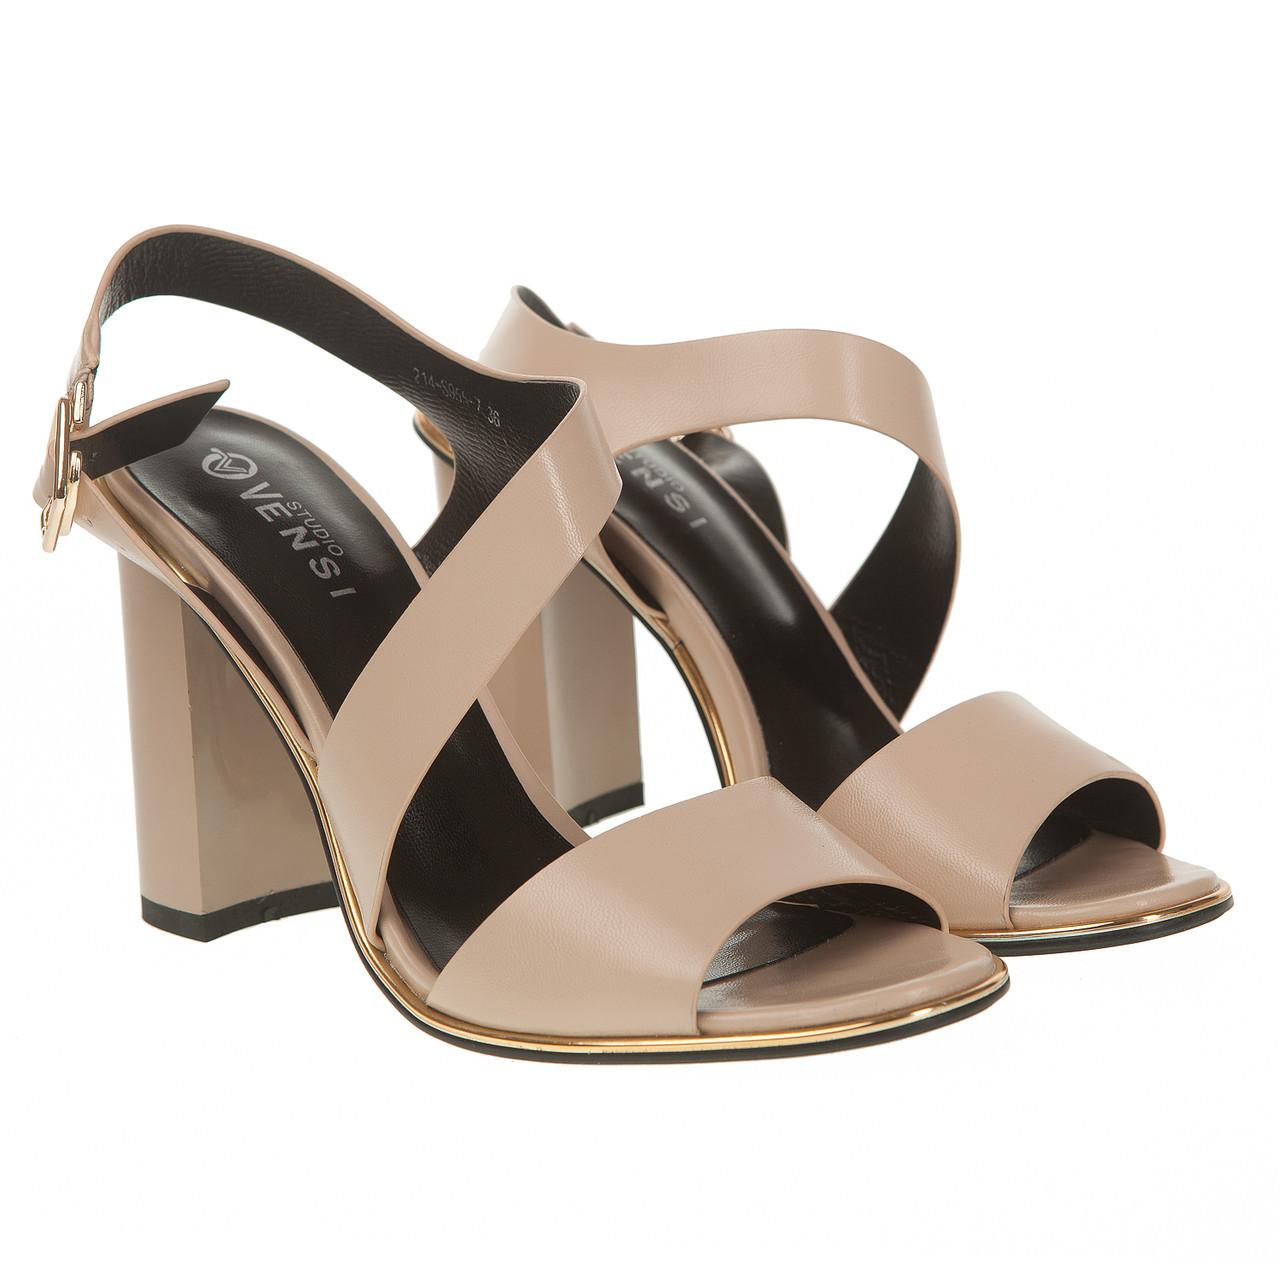 f174a27cdb5b Босоножки женские Vensi (бежевые, на высоком каблуке, классические, модные,  легкие)